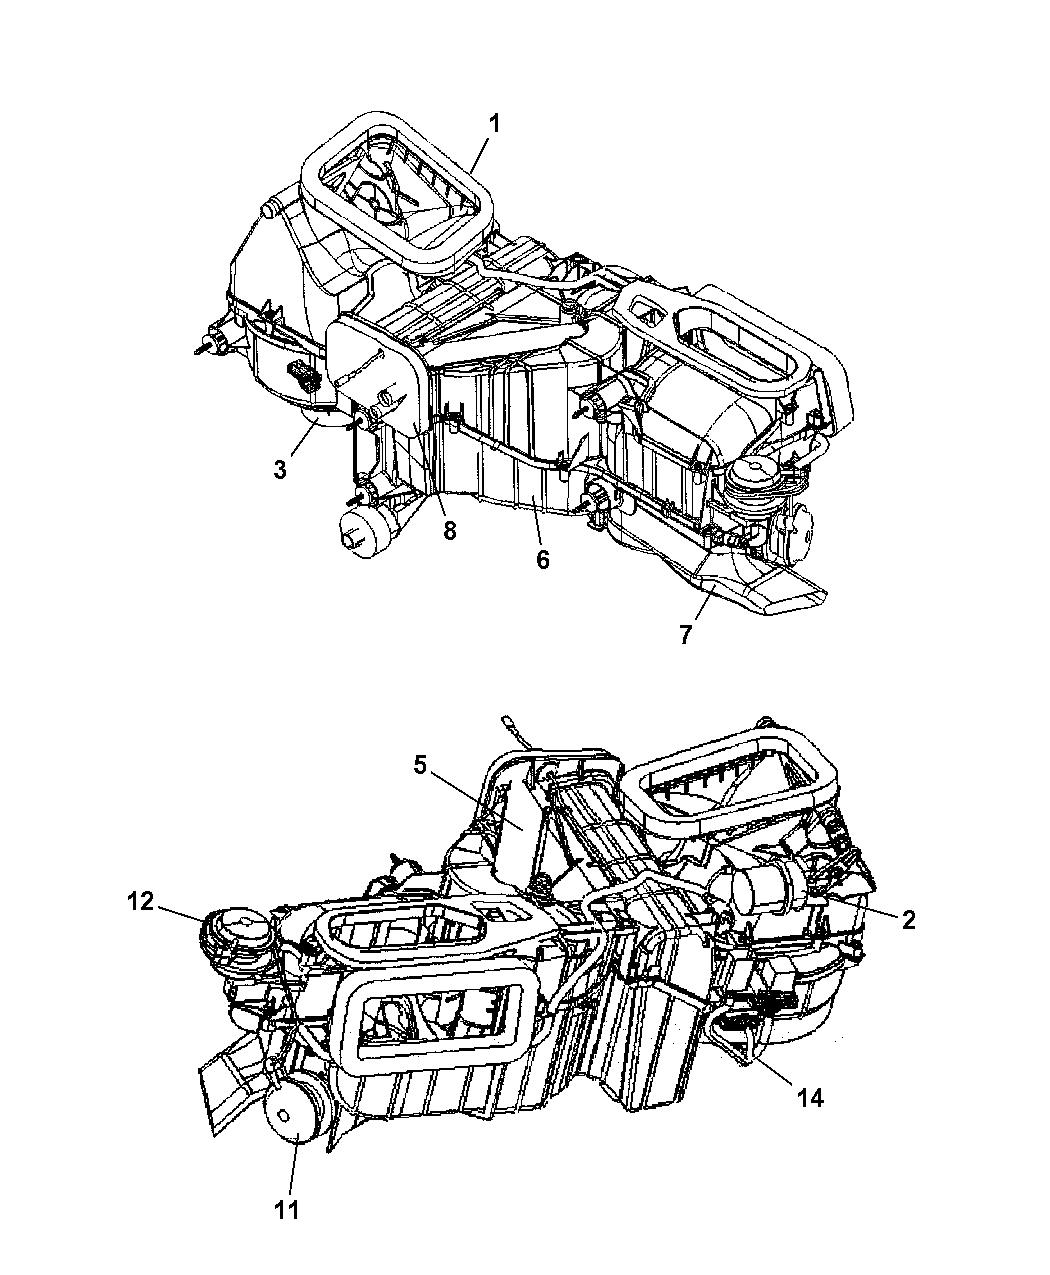 2006 Jeep Wrangler Heater Unit - Mopar Parts Giant